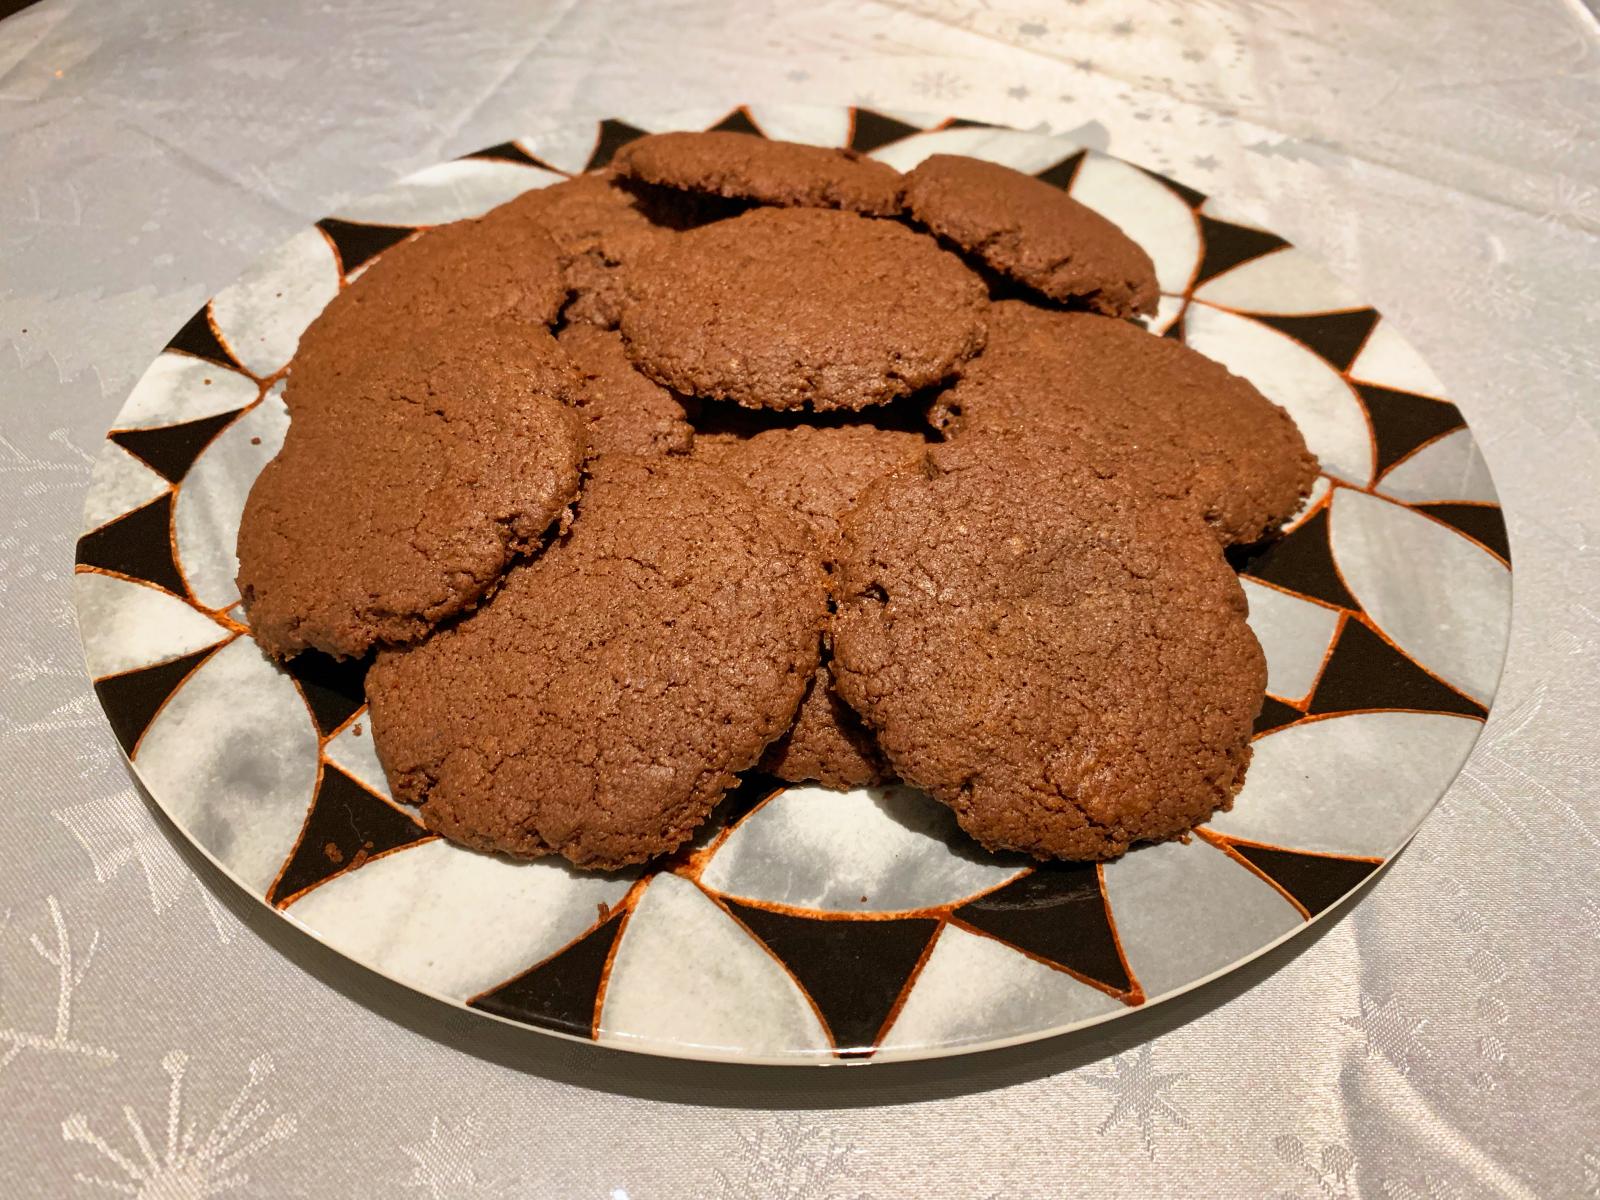 IMG 6101 - Cookies au Nutella